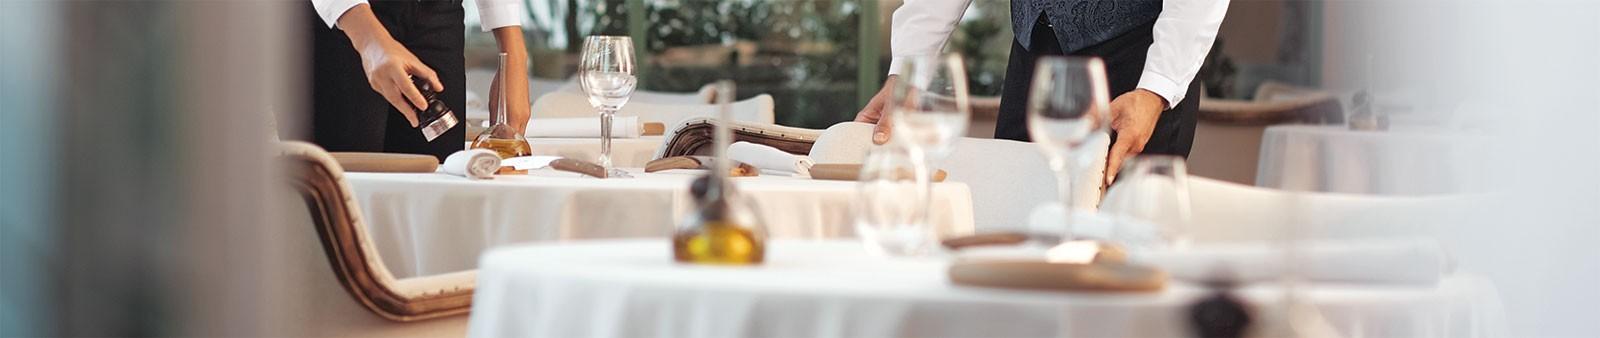 Schuhe - Service & Hotellerie